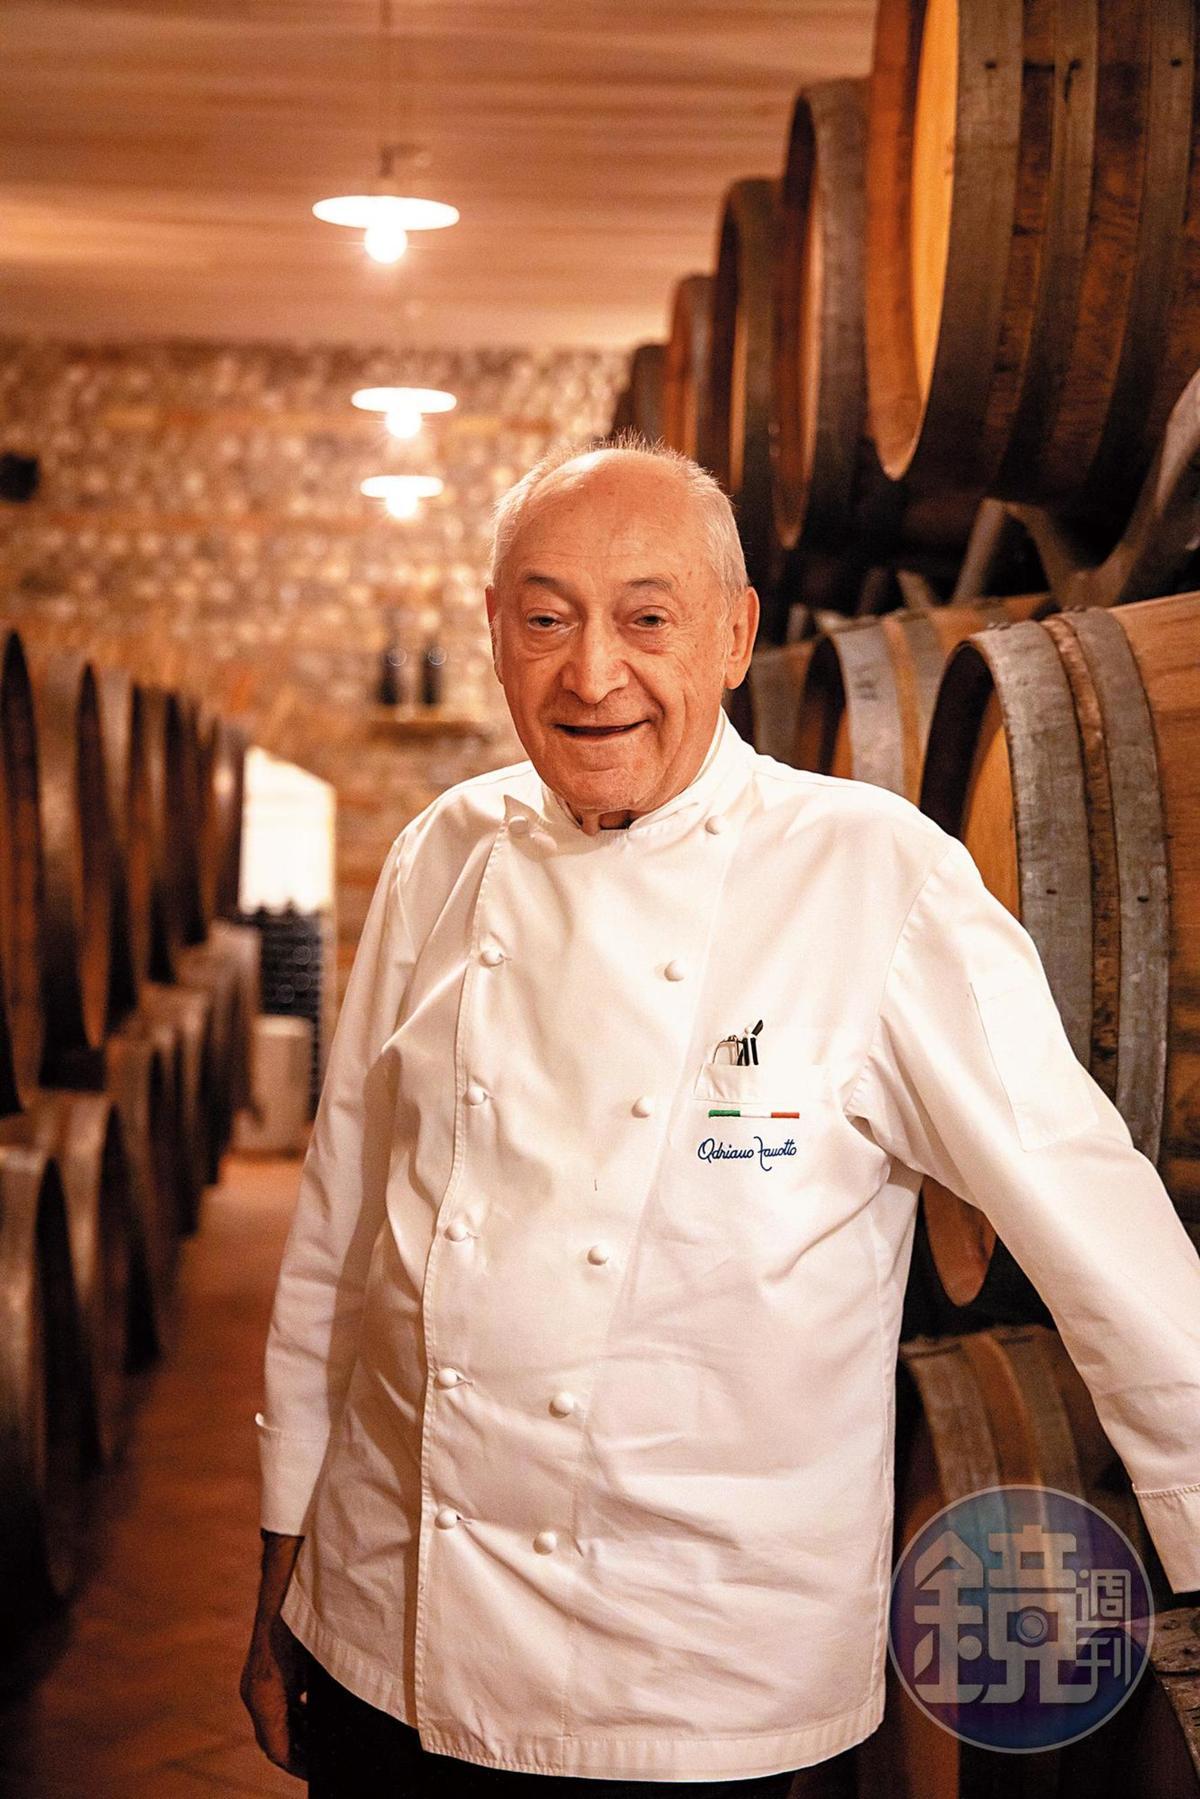 好客的Adriano Zanotto帶我們參觀他的地下酒窖。